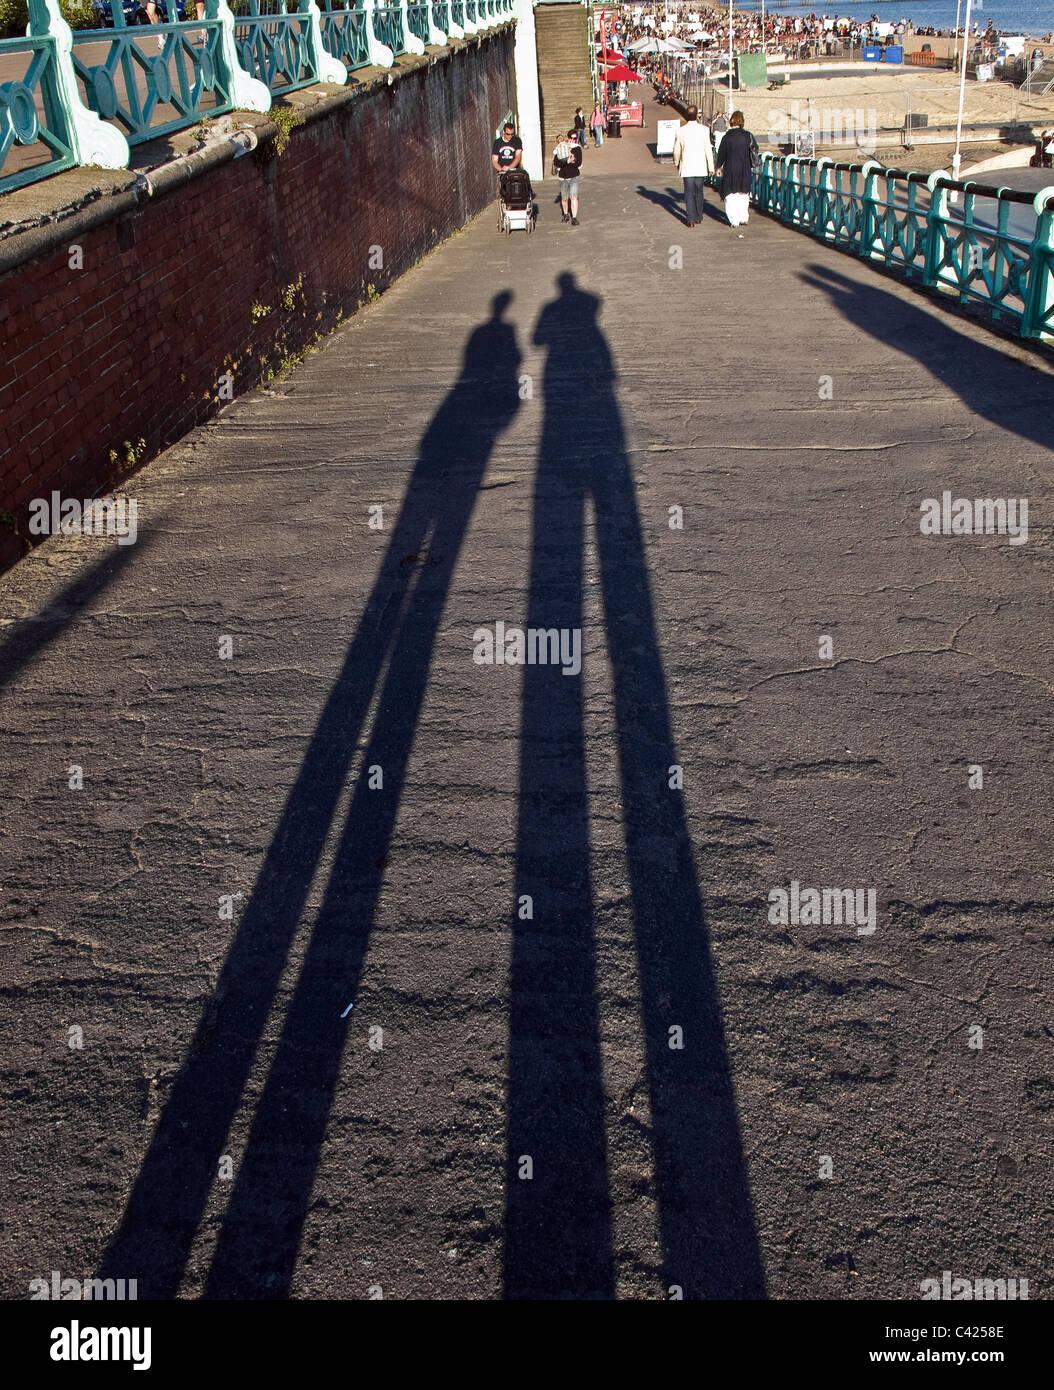 Schatten auf dem Boden durch Abend Sonnenlicht Stockbild